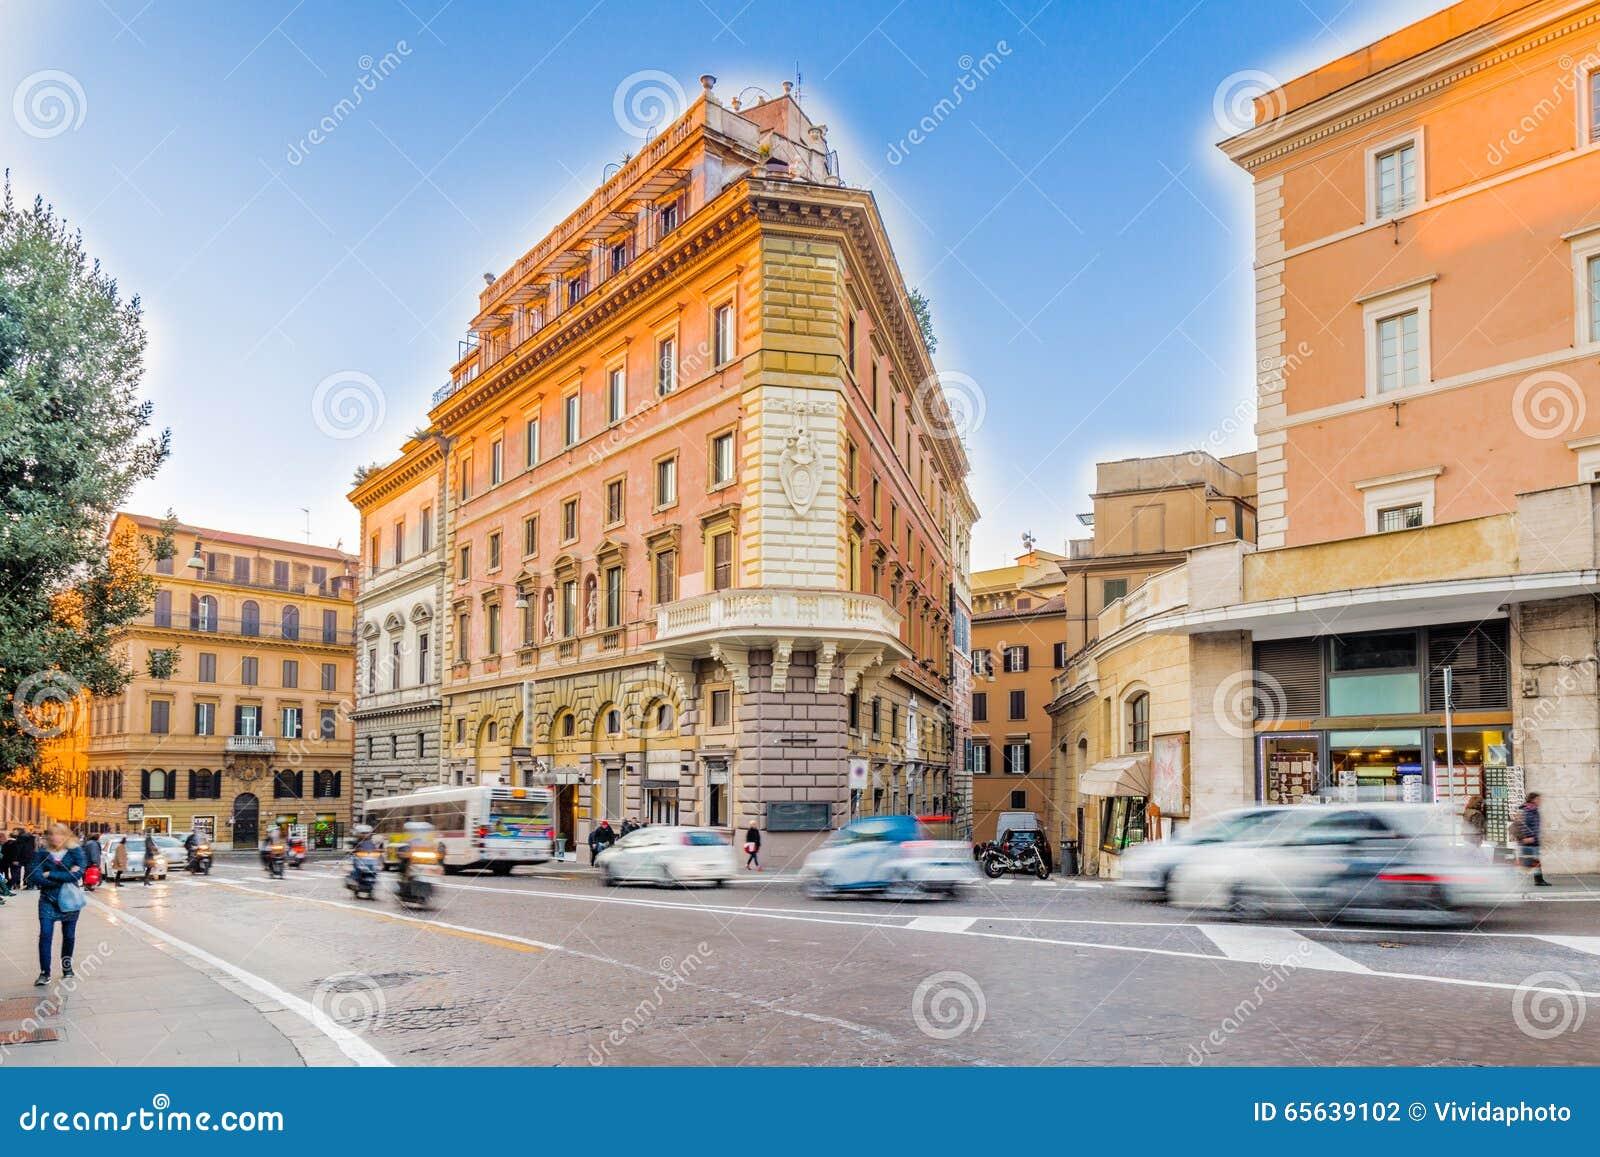 Vieux bâtiments le long des rues de Rome